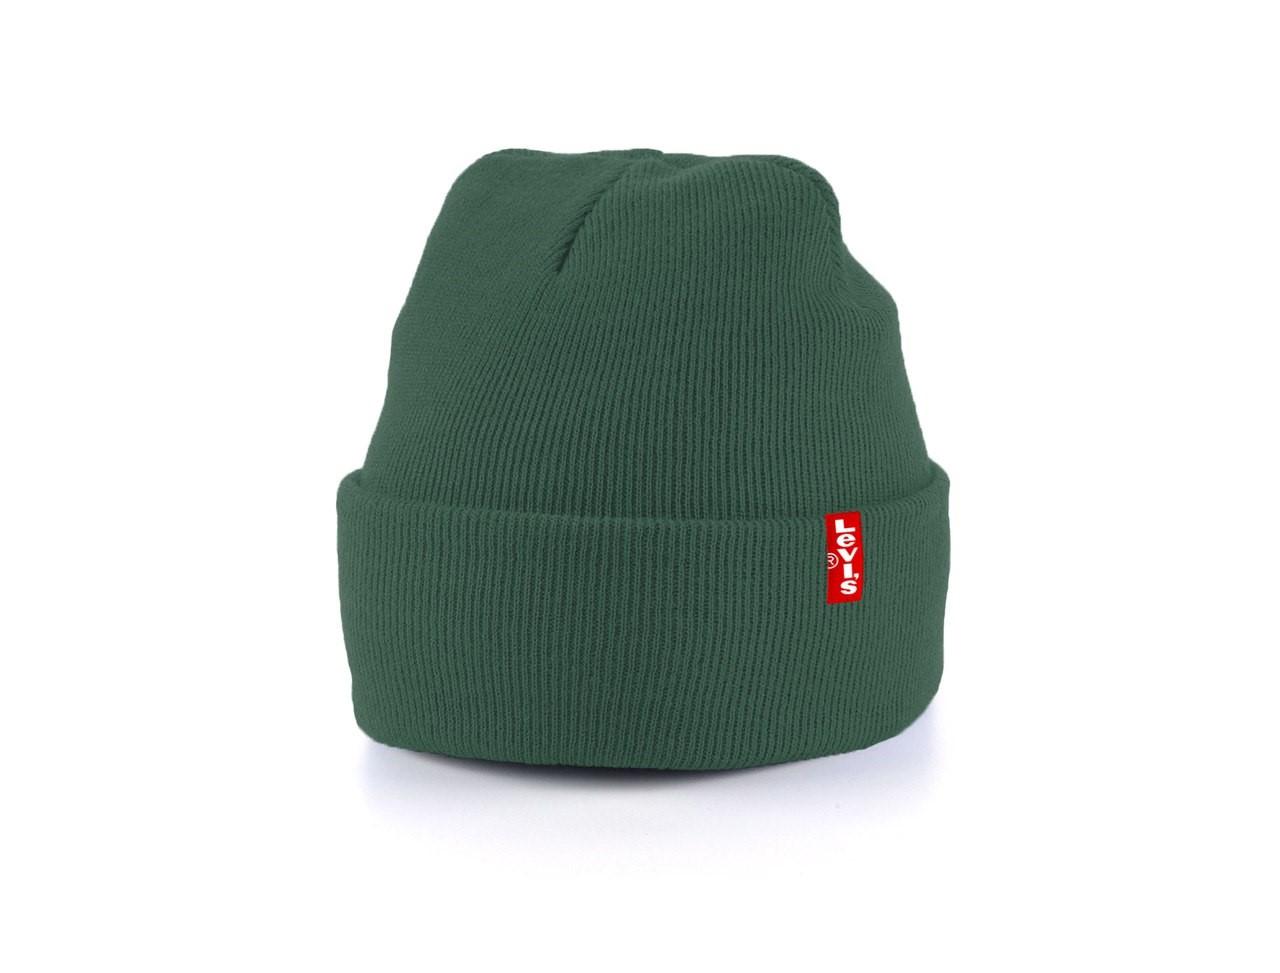 Мужская теплая шапка Levi's универсальный размер